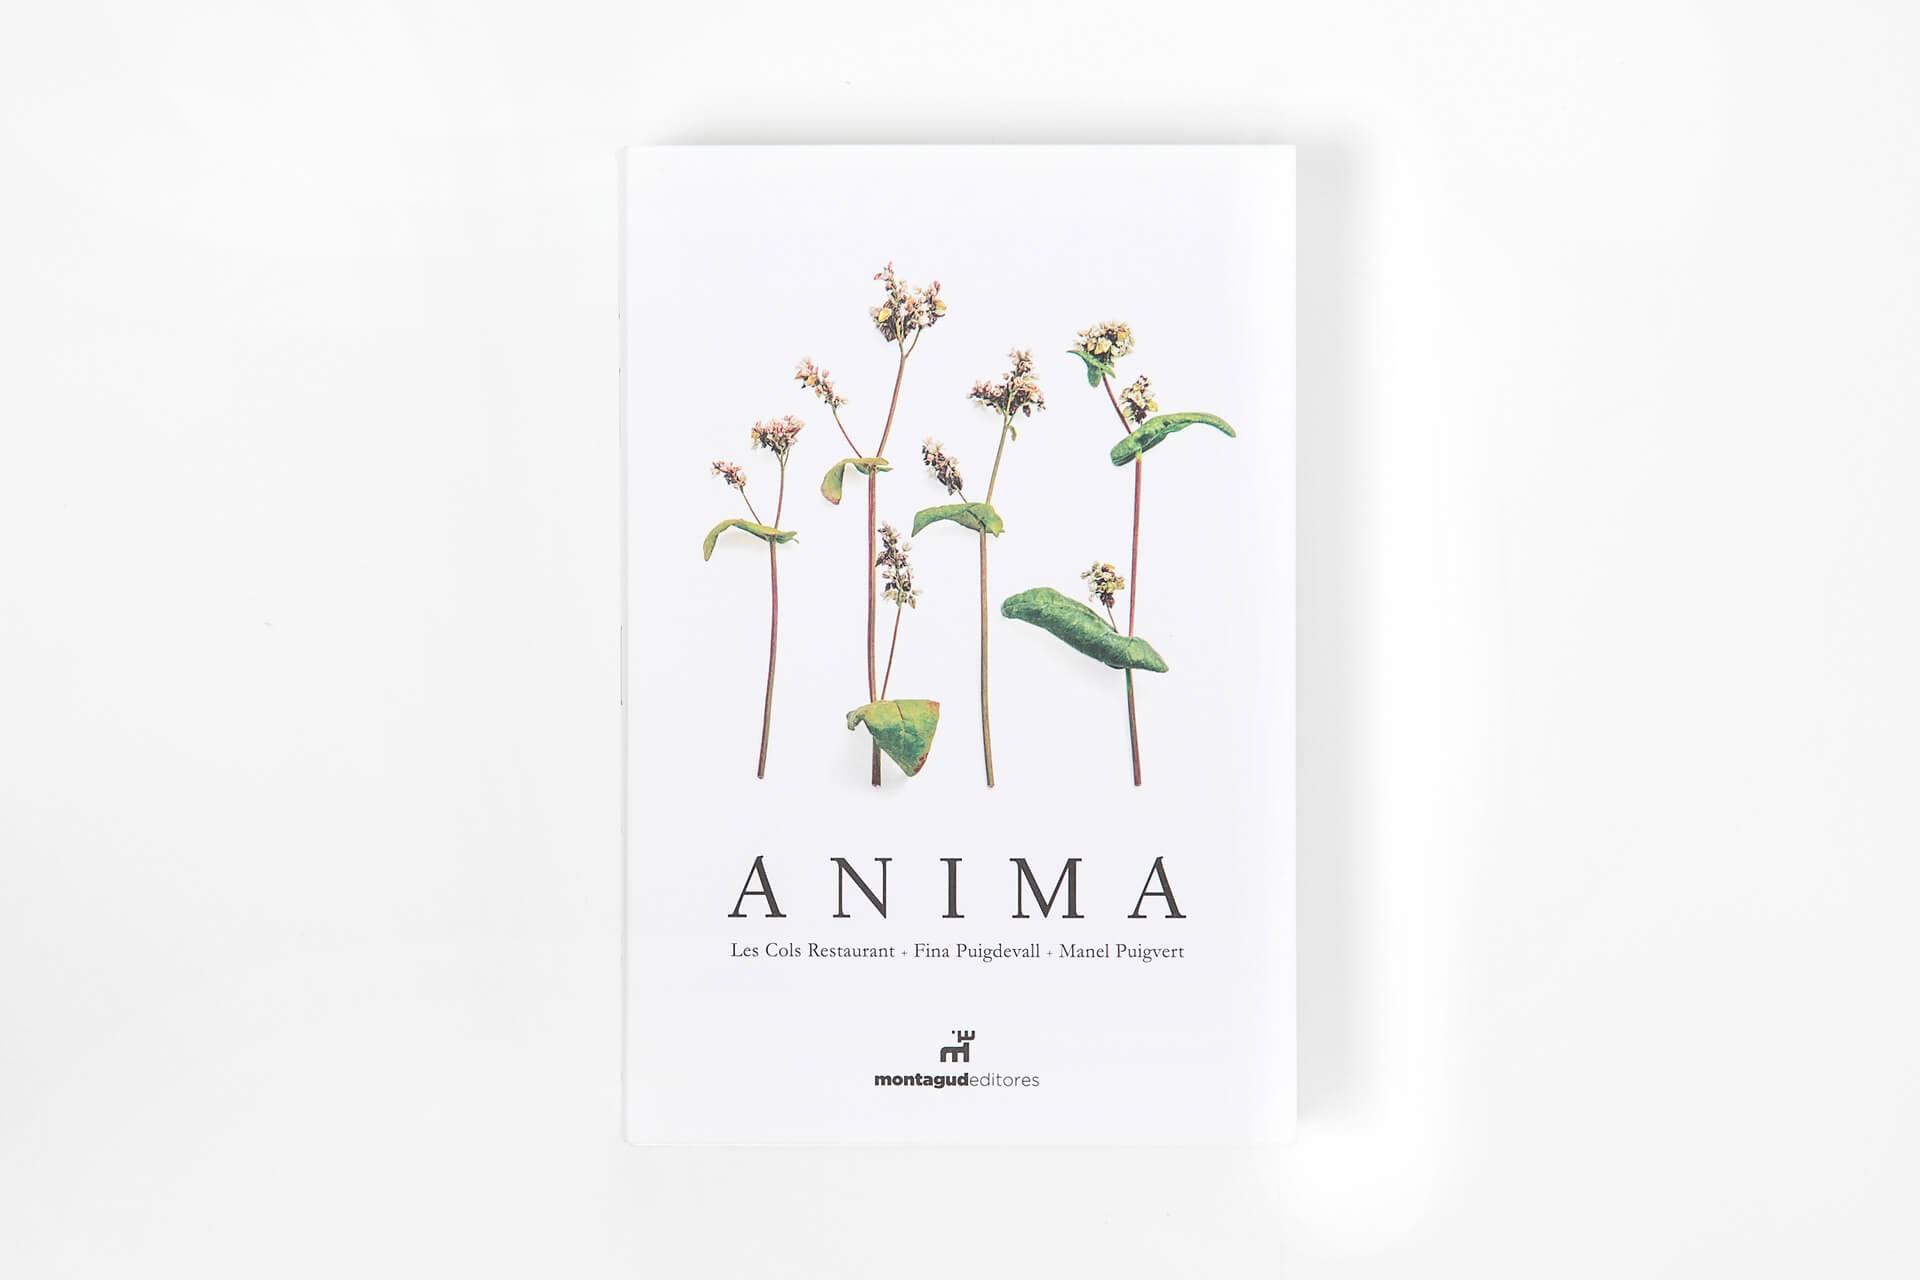 ANIMA_l-2